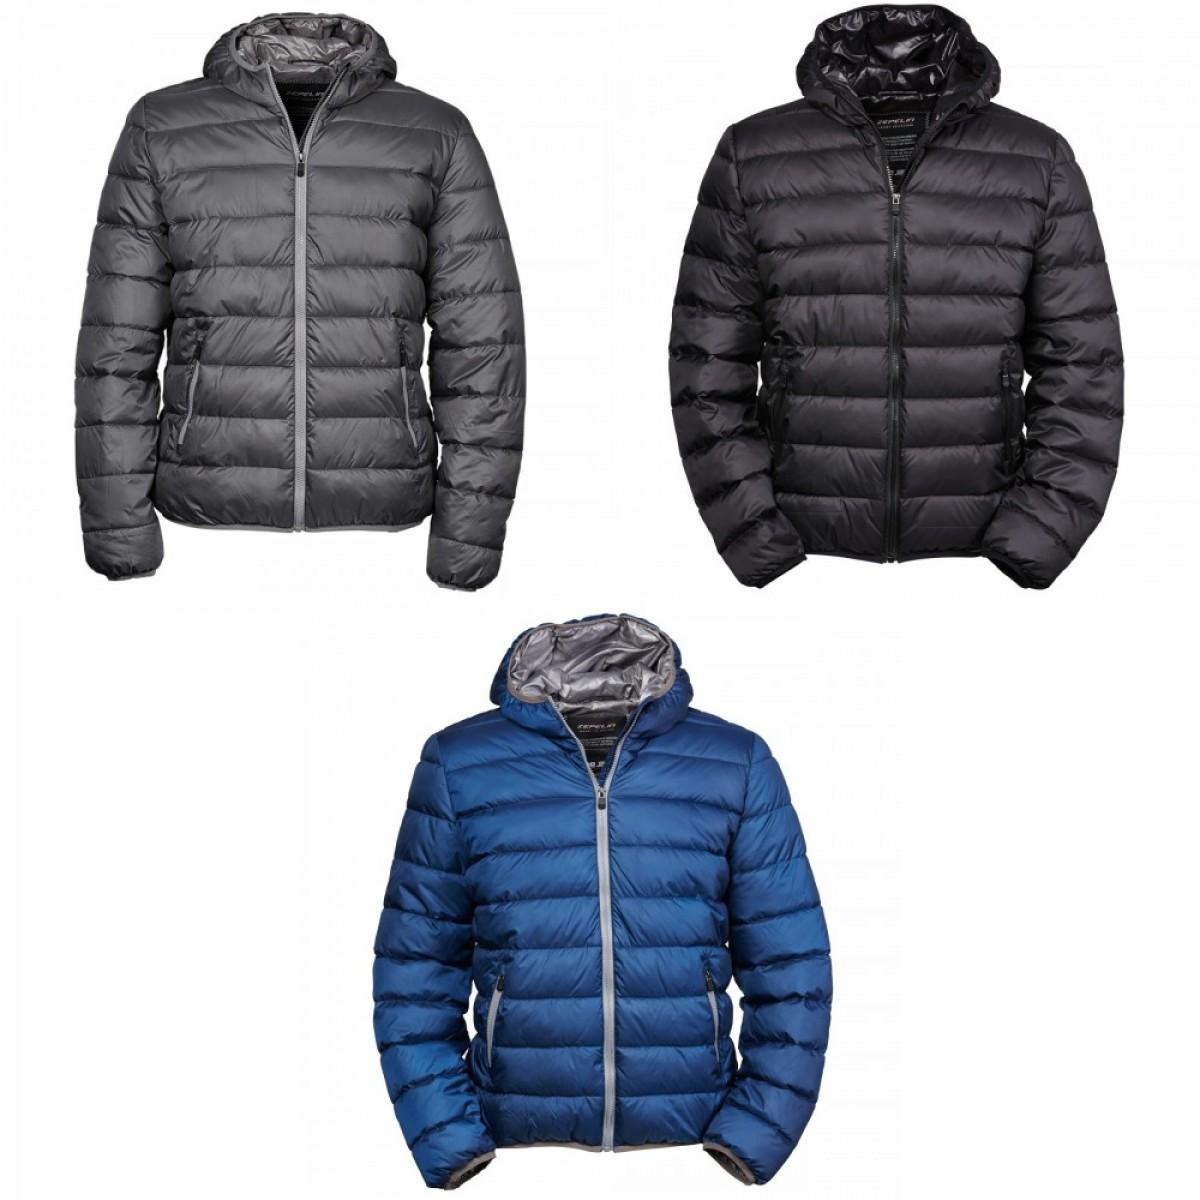 (ティー・ジェイズ) Tee Jays メンズ Zepelin 中綿入りジャケット アウター ジャンパー 冬 【海外直送】